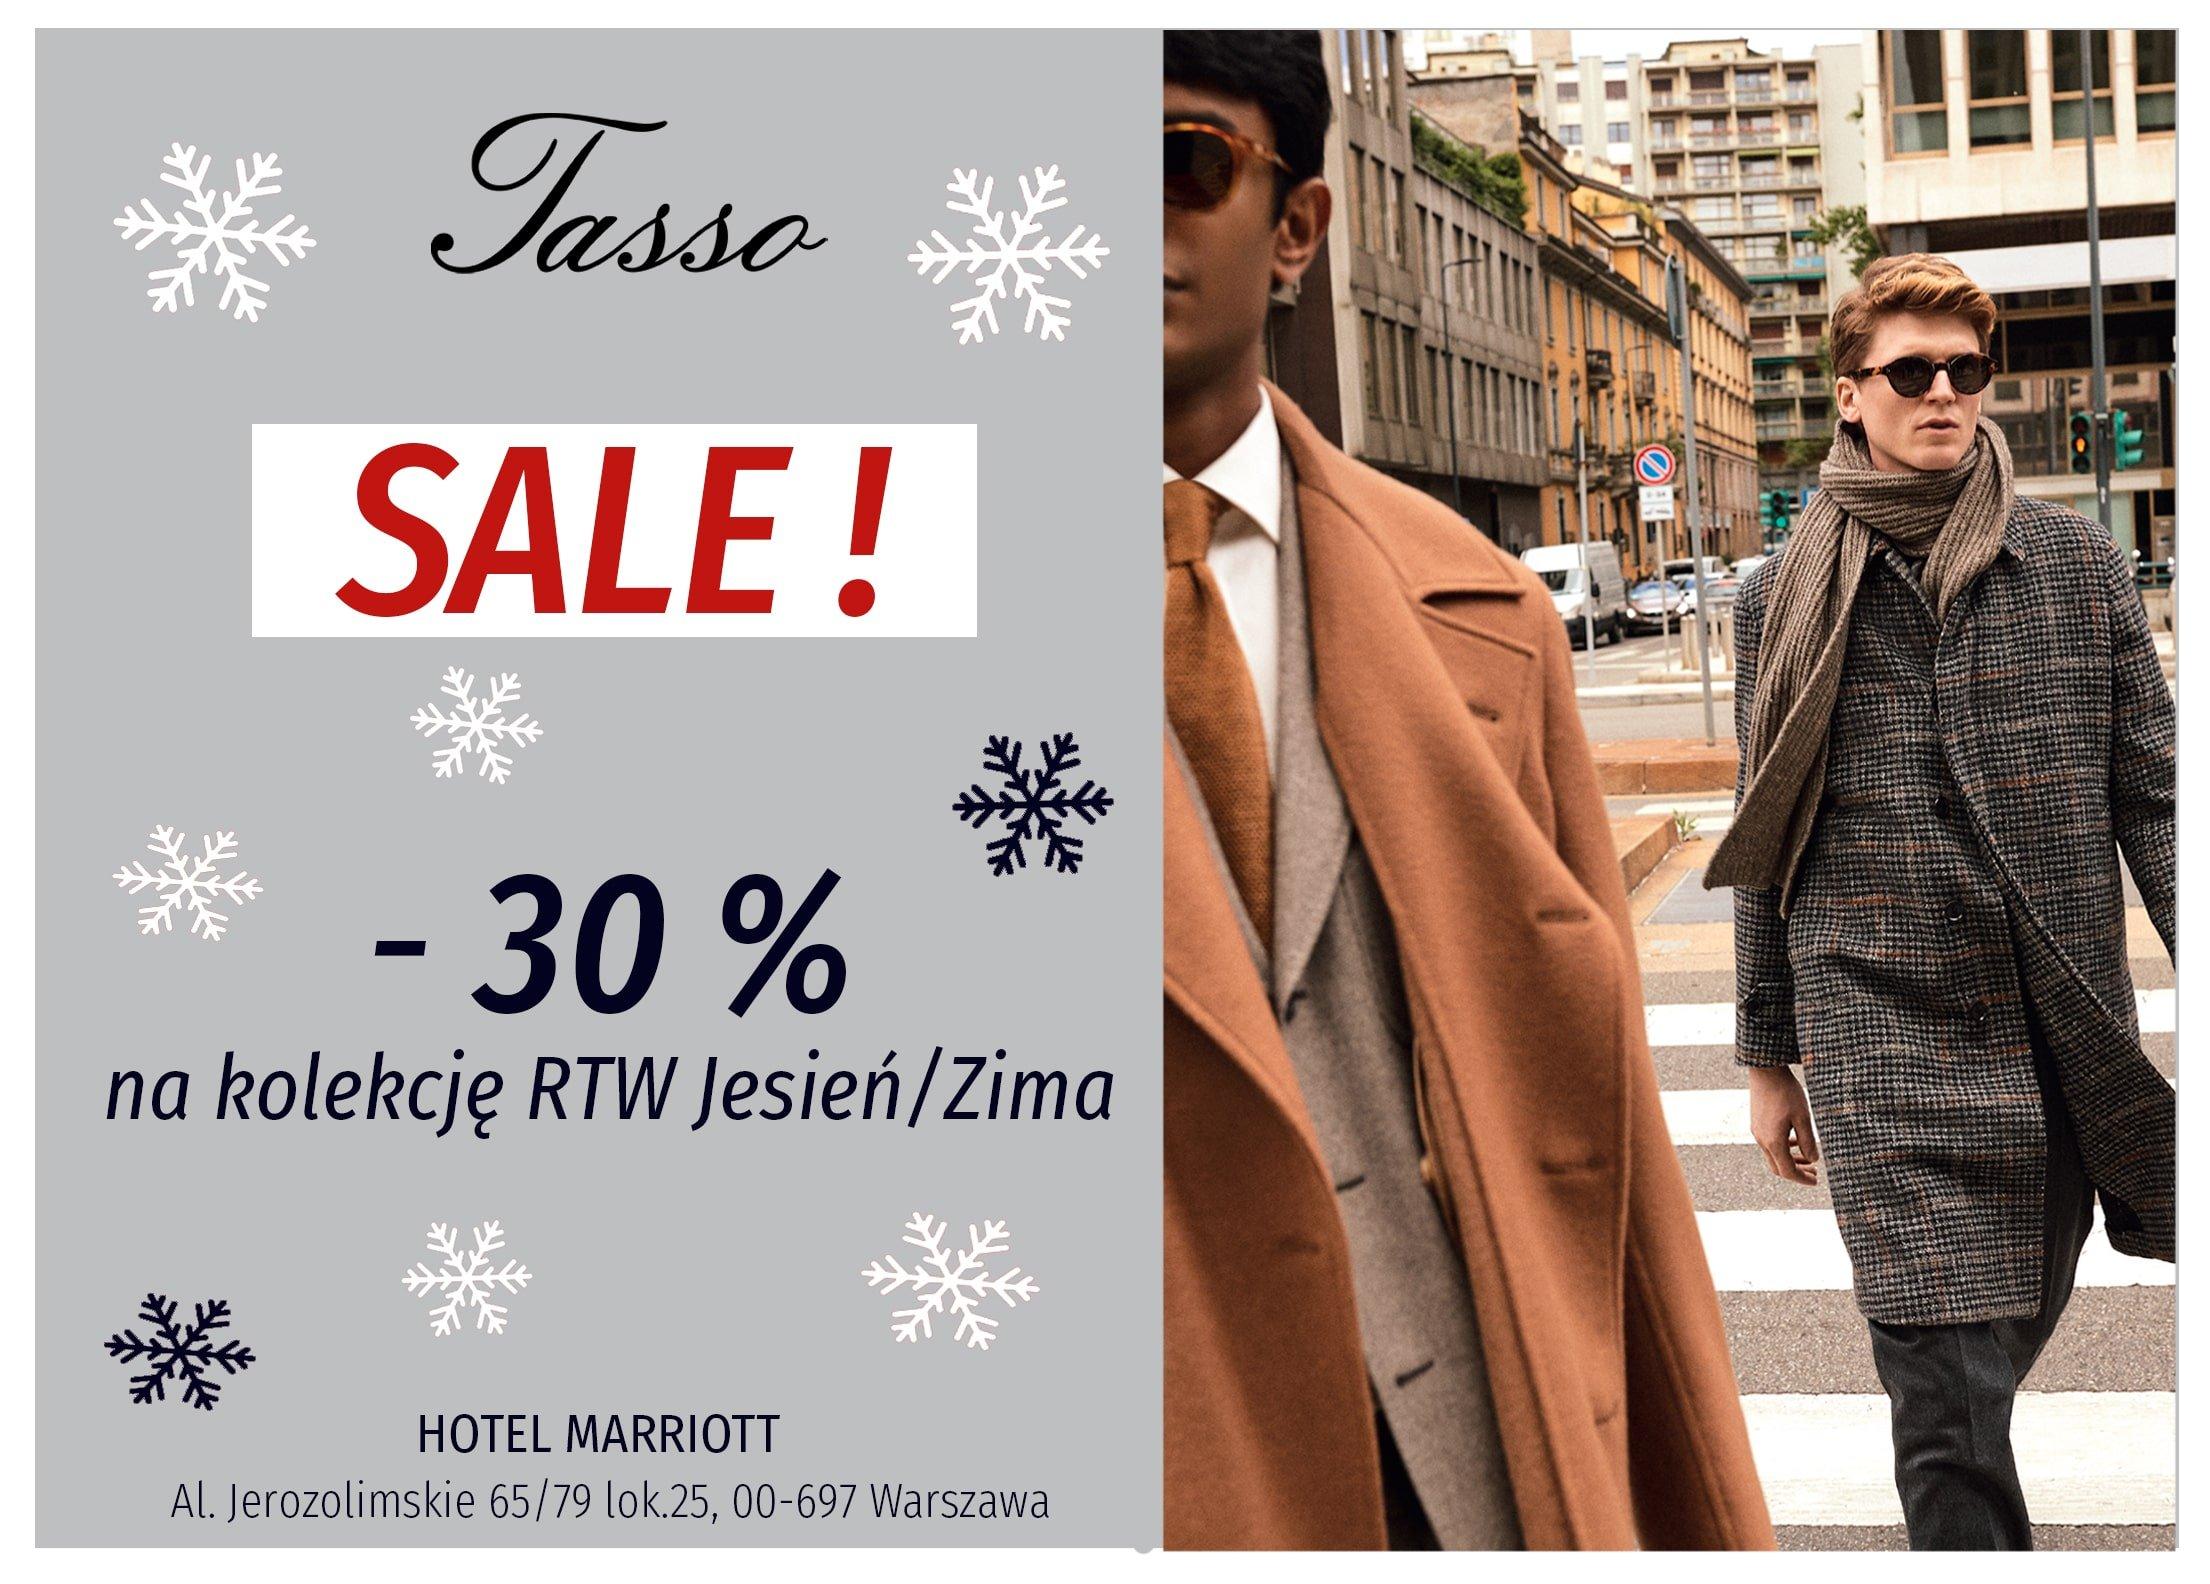 Oferta świąteczna! -30% na całą kolekcję RTW Jesień/Zima